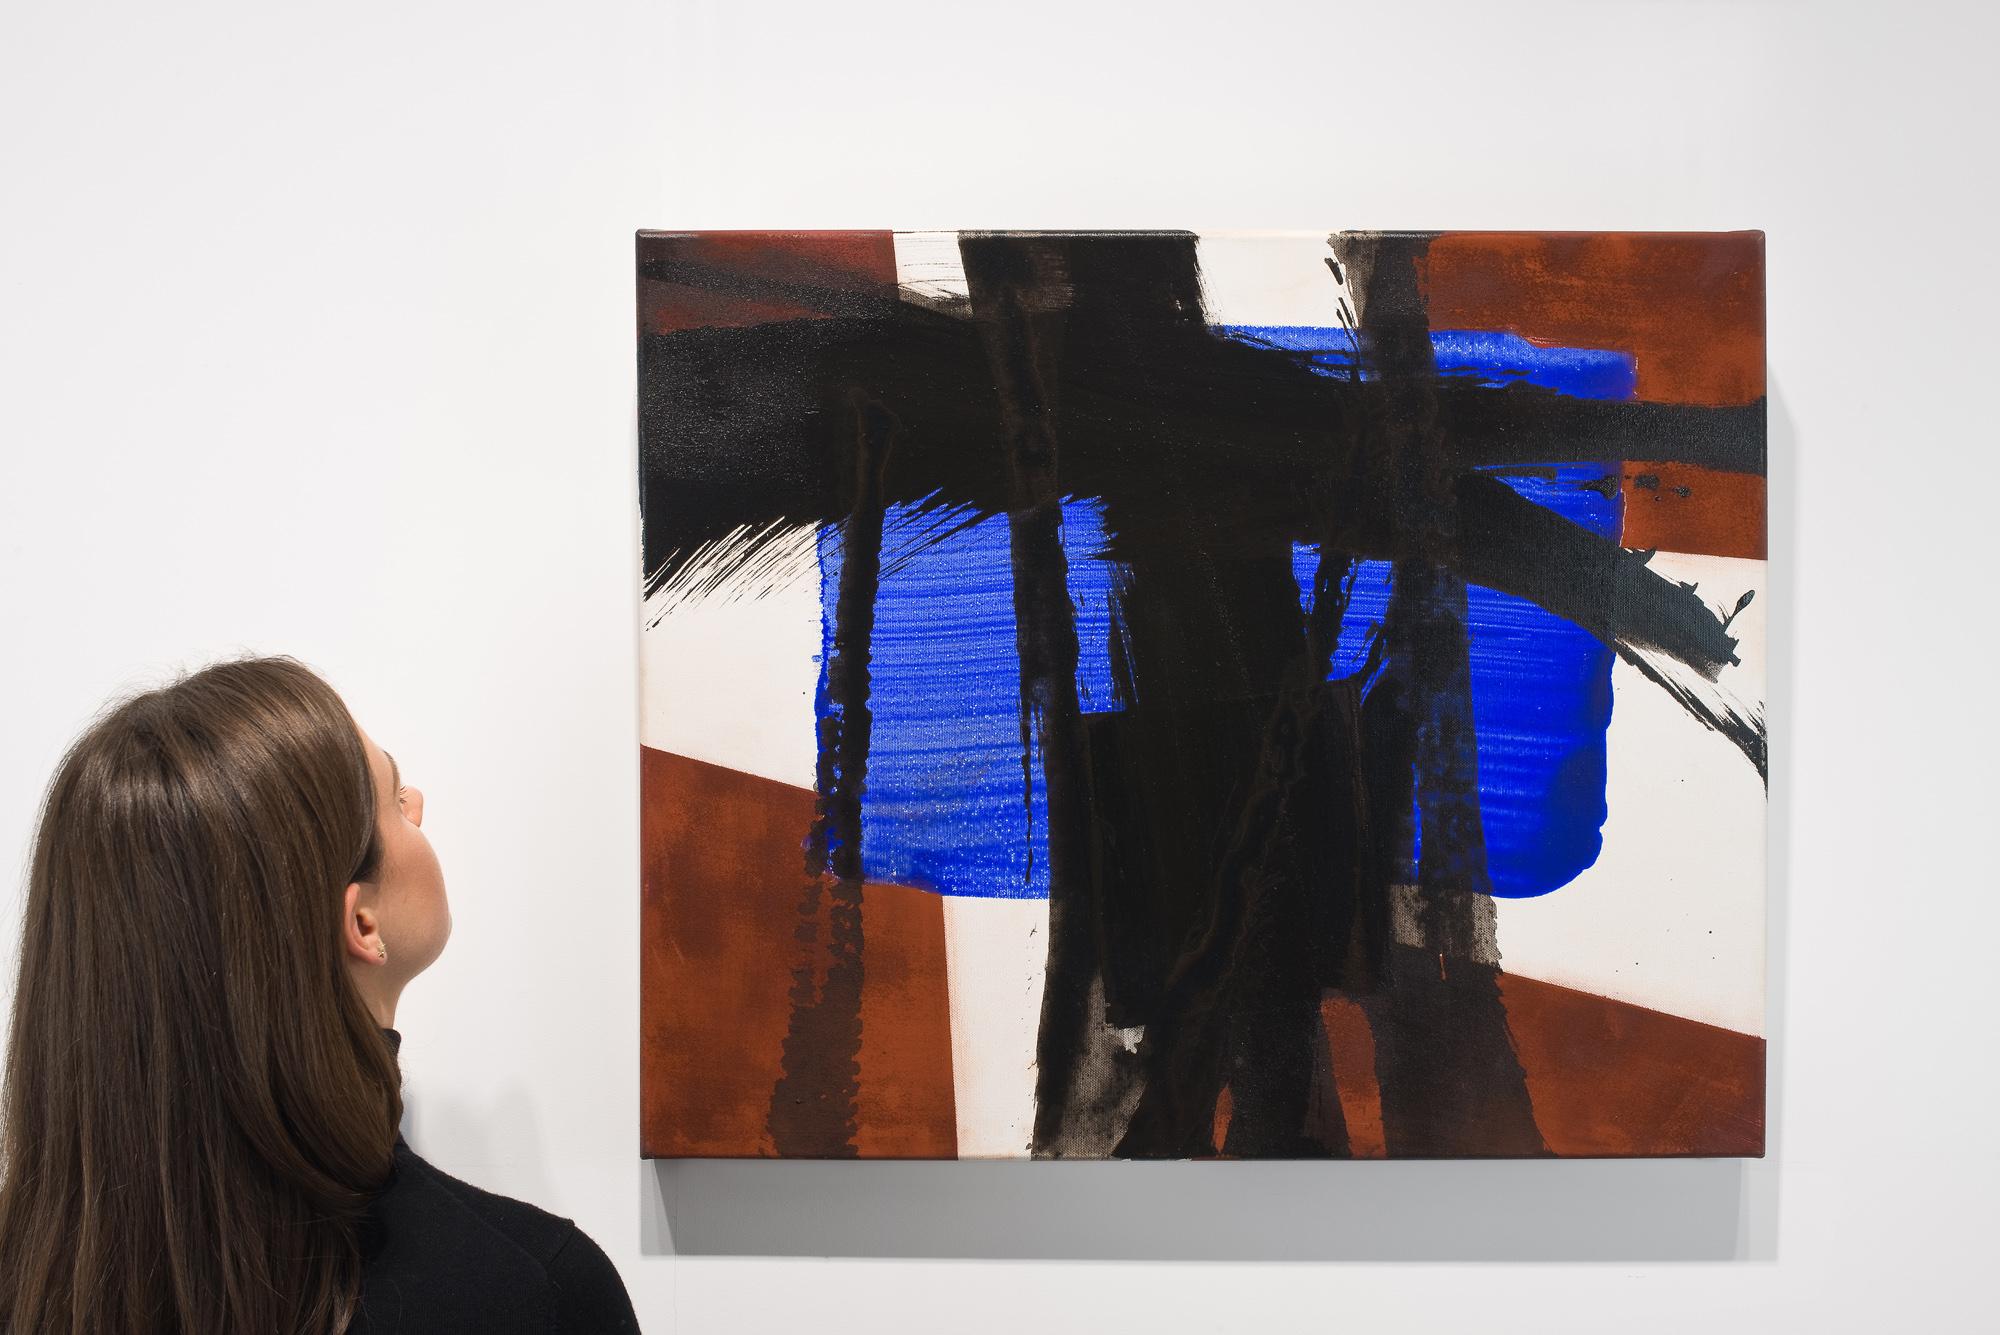 roswitha doerig - sans titre peinture 2012 acrylique